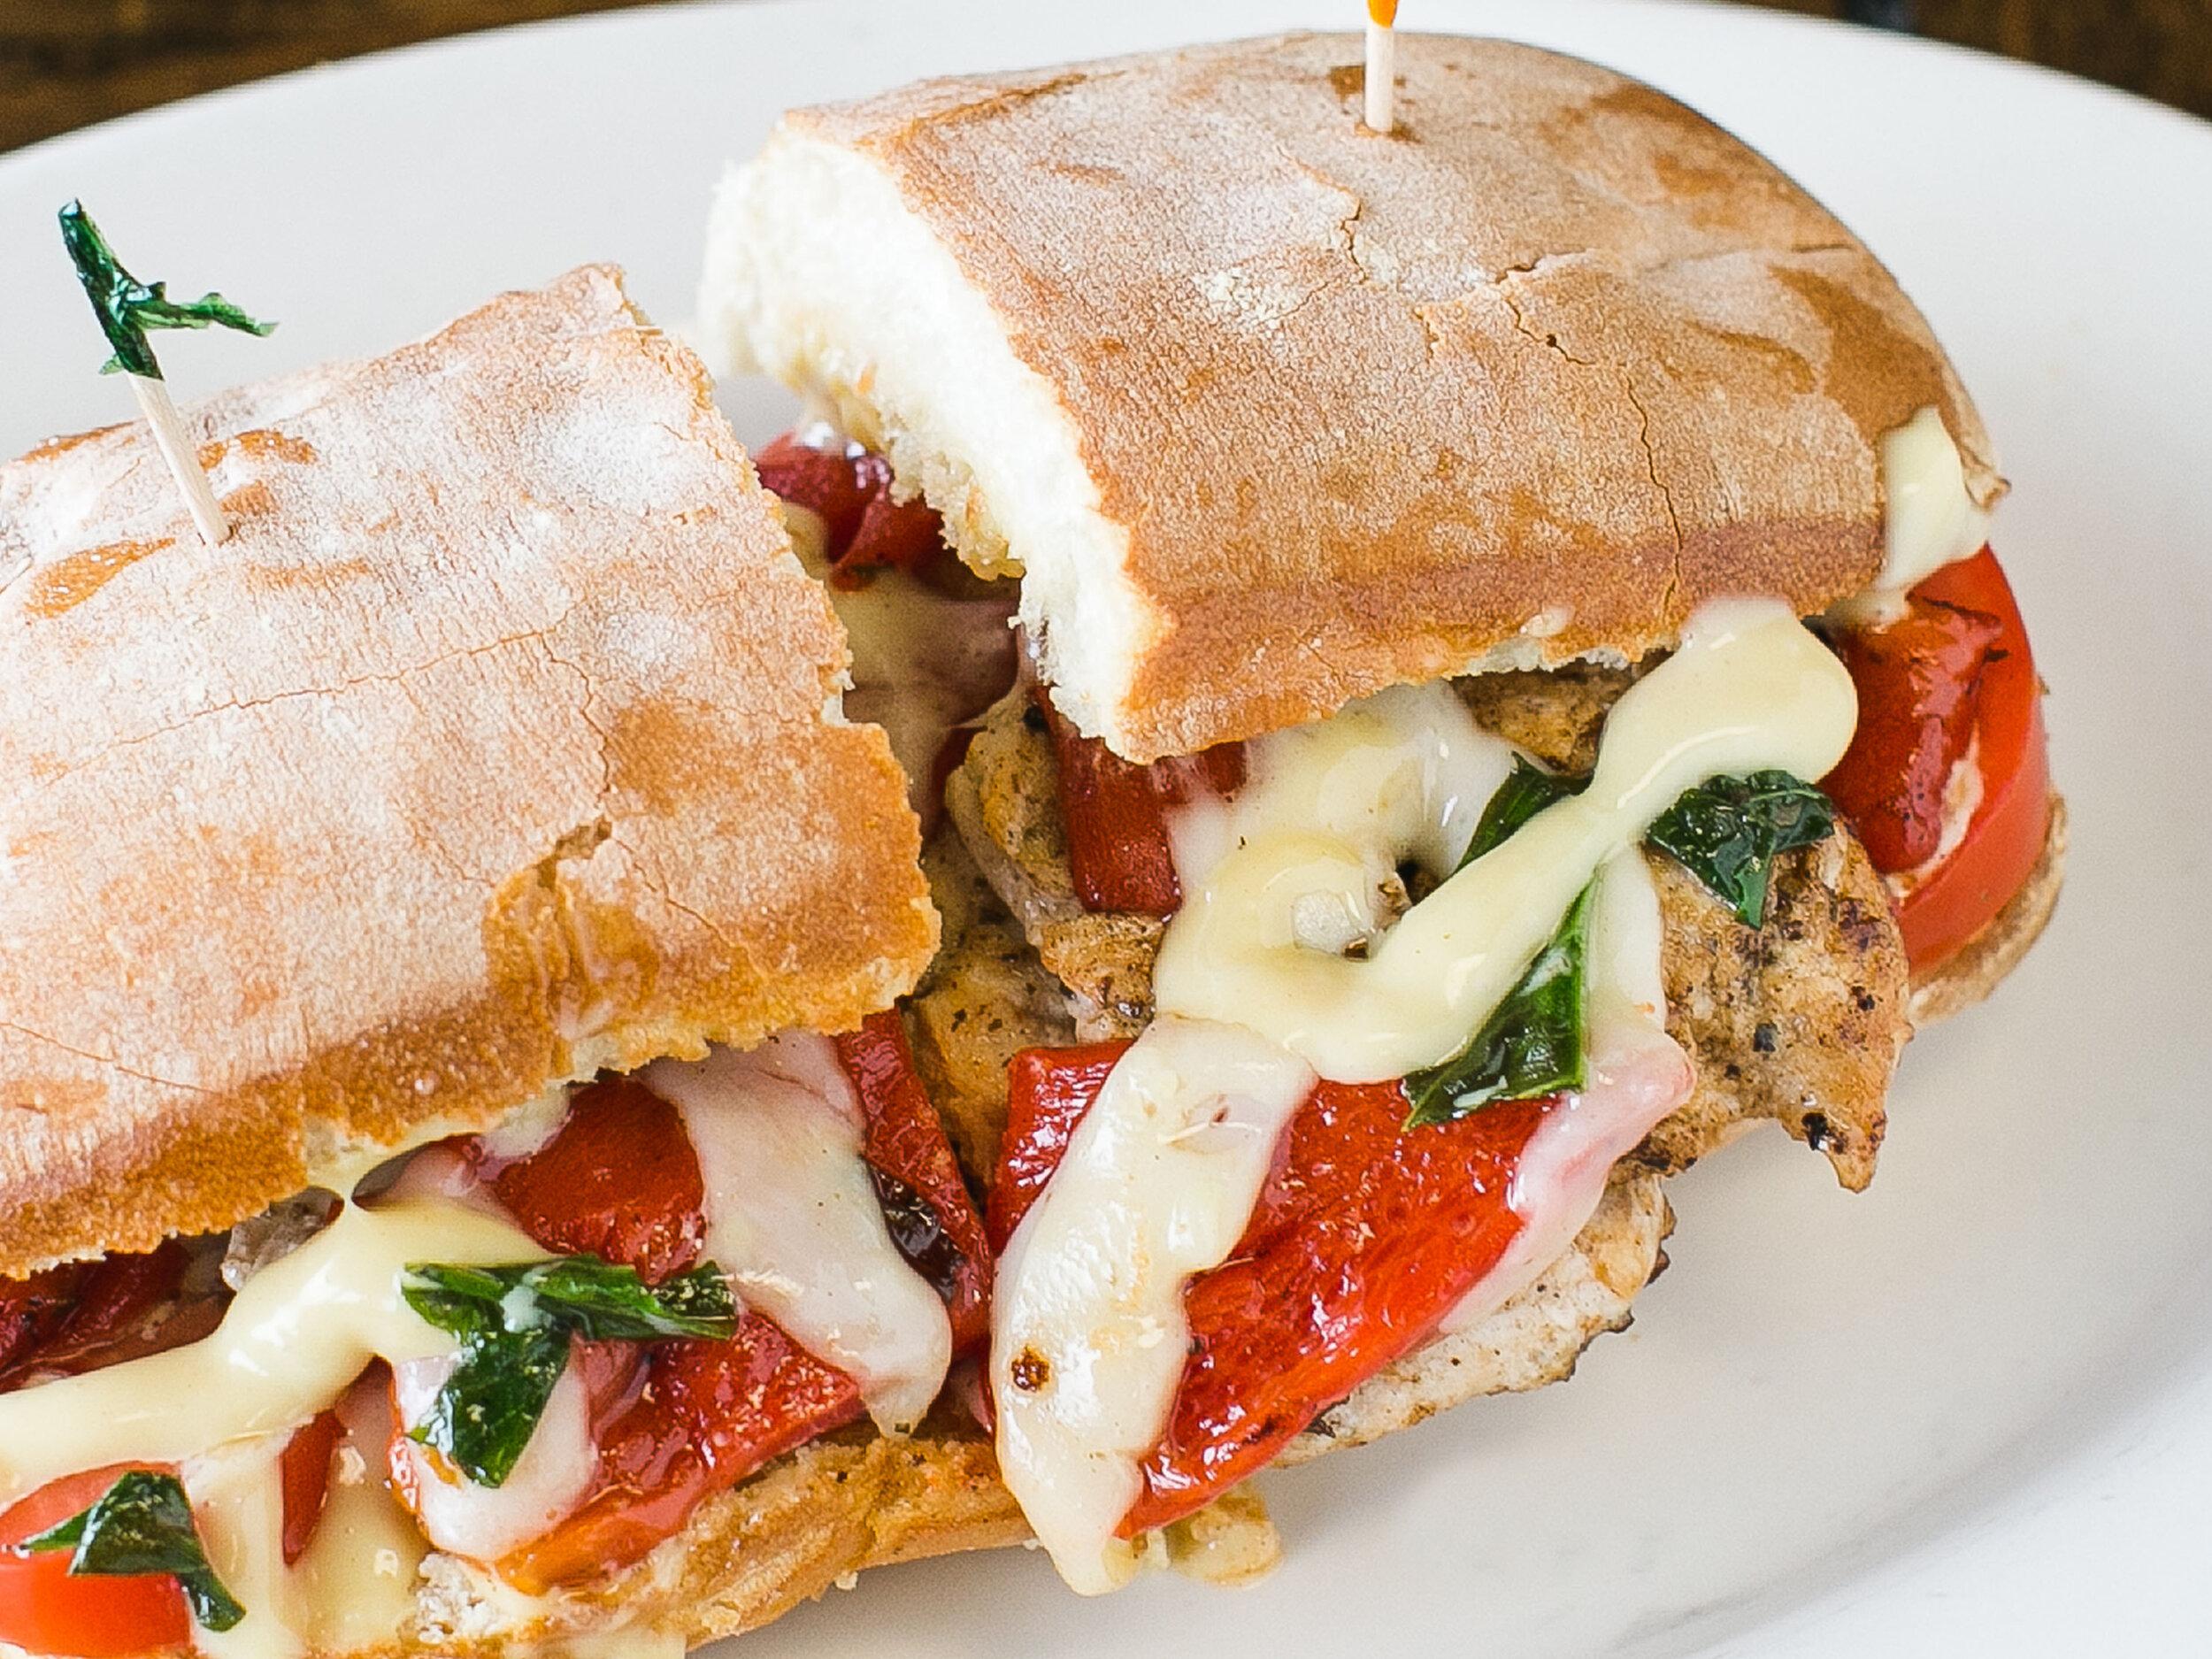 Hog Island_Rustic Italian Chicken Sandwich-2_option 2.jpg